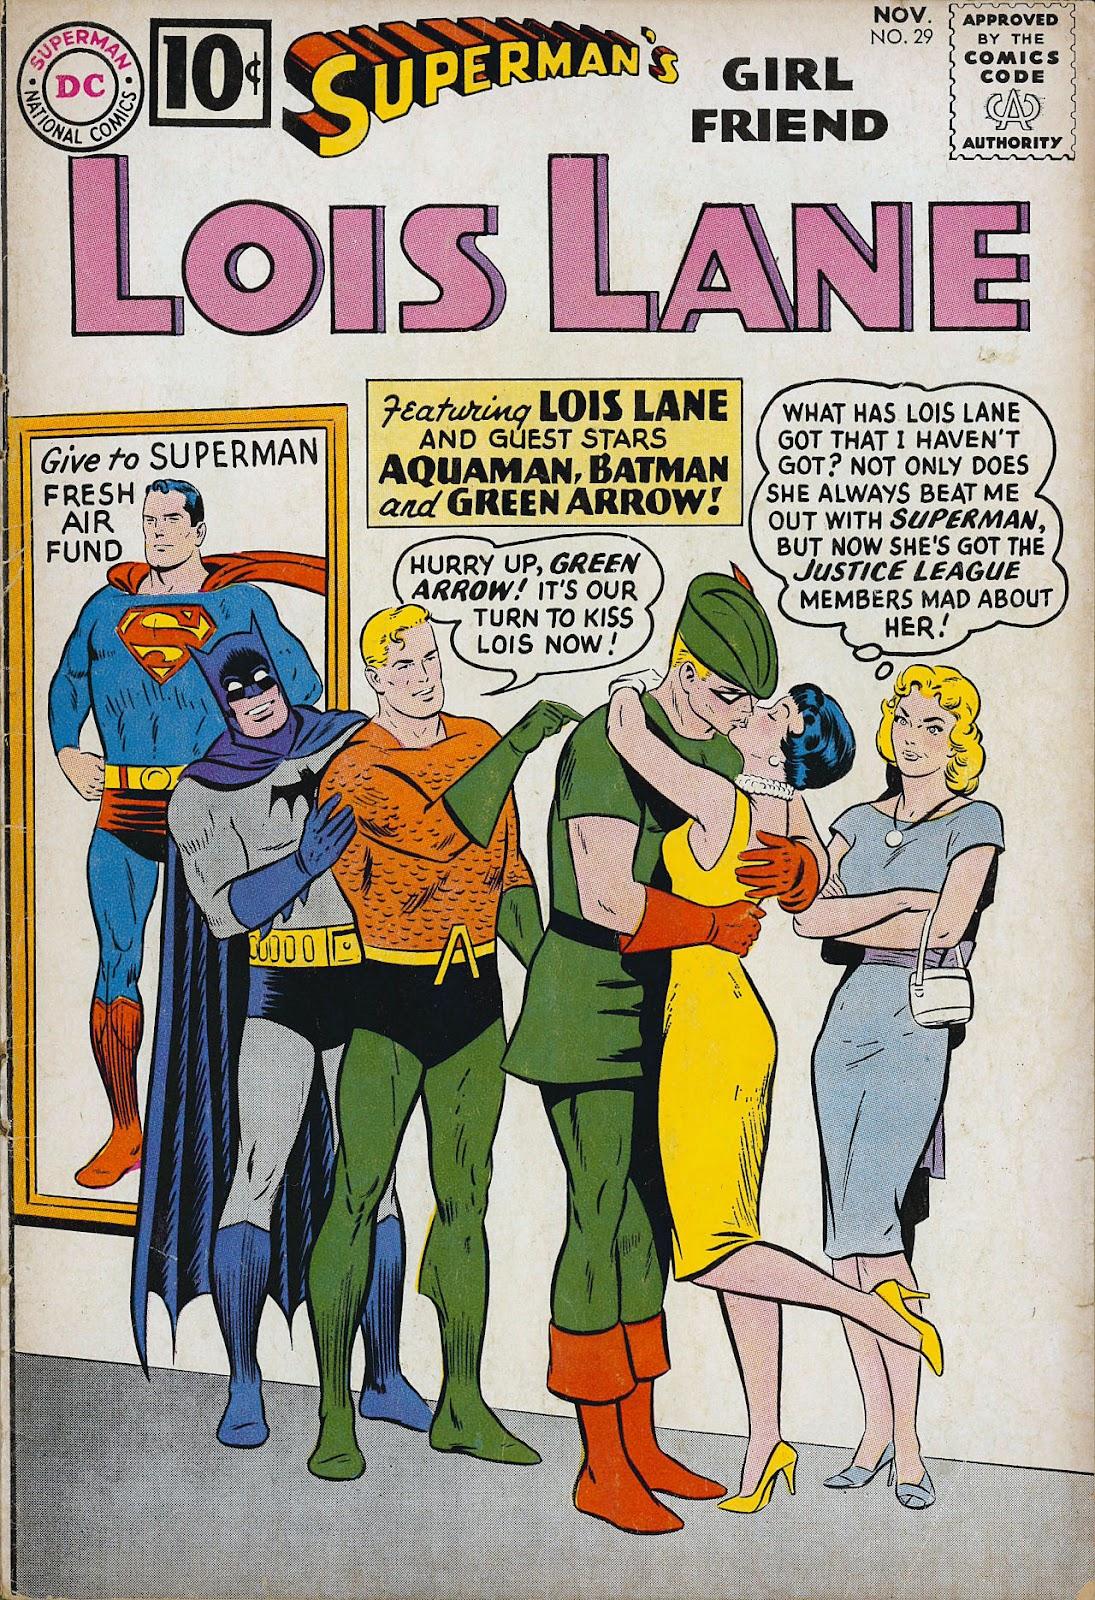 Supermans Girl Friend, Lois Lane 29 Page 1